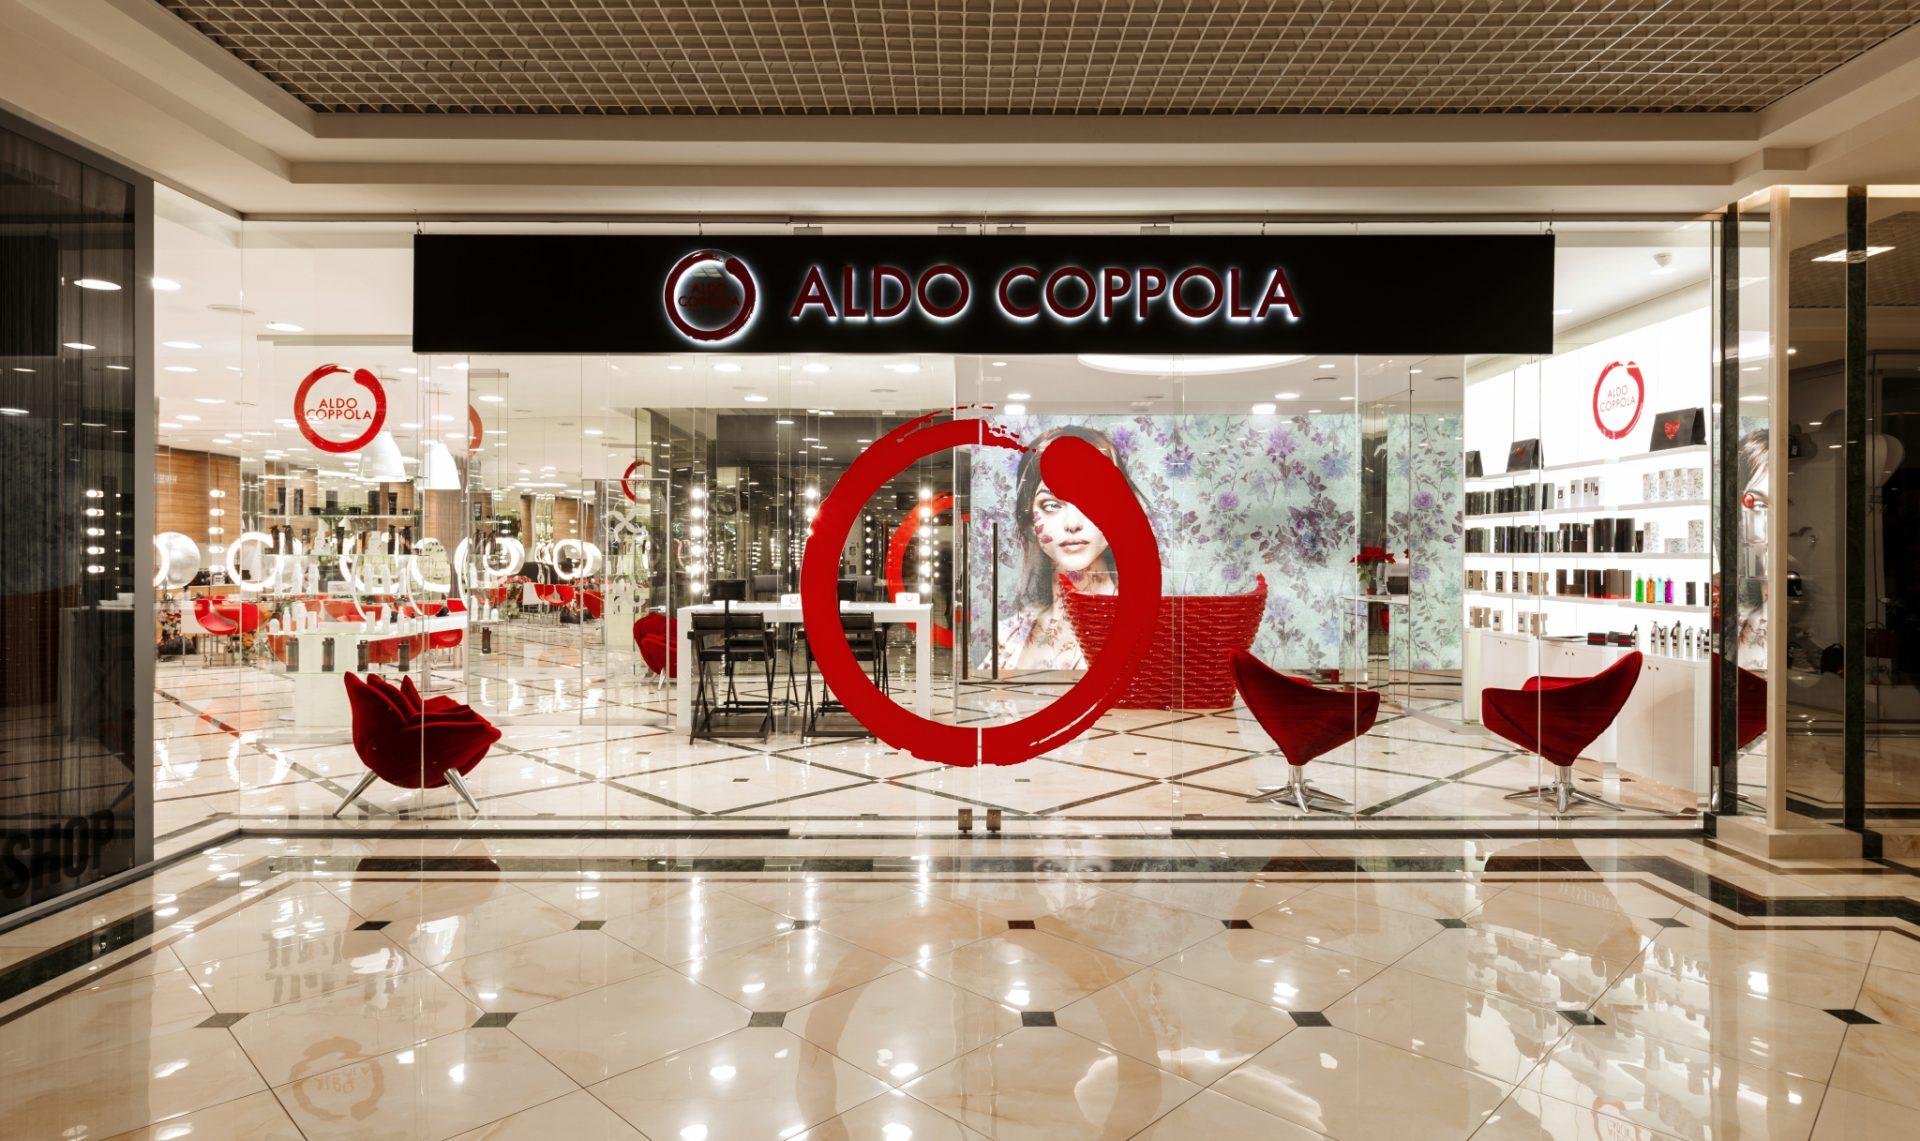 ALDO COPPOLA LANDS IN UKRAINE On November 28th 2018 a new Aldo Coppola  Atelier was inaugurated in Odessa ae8ab9c02b6e